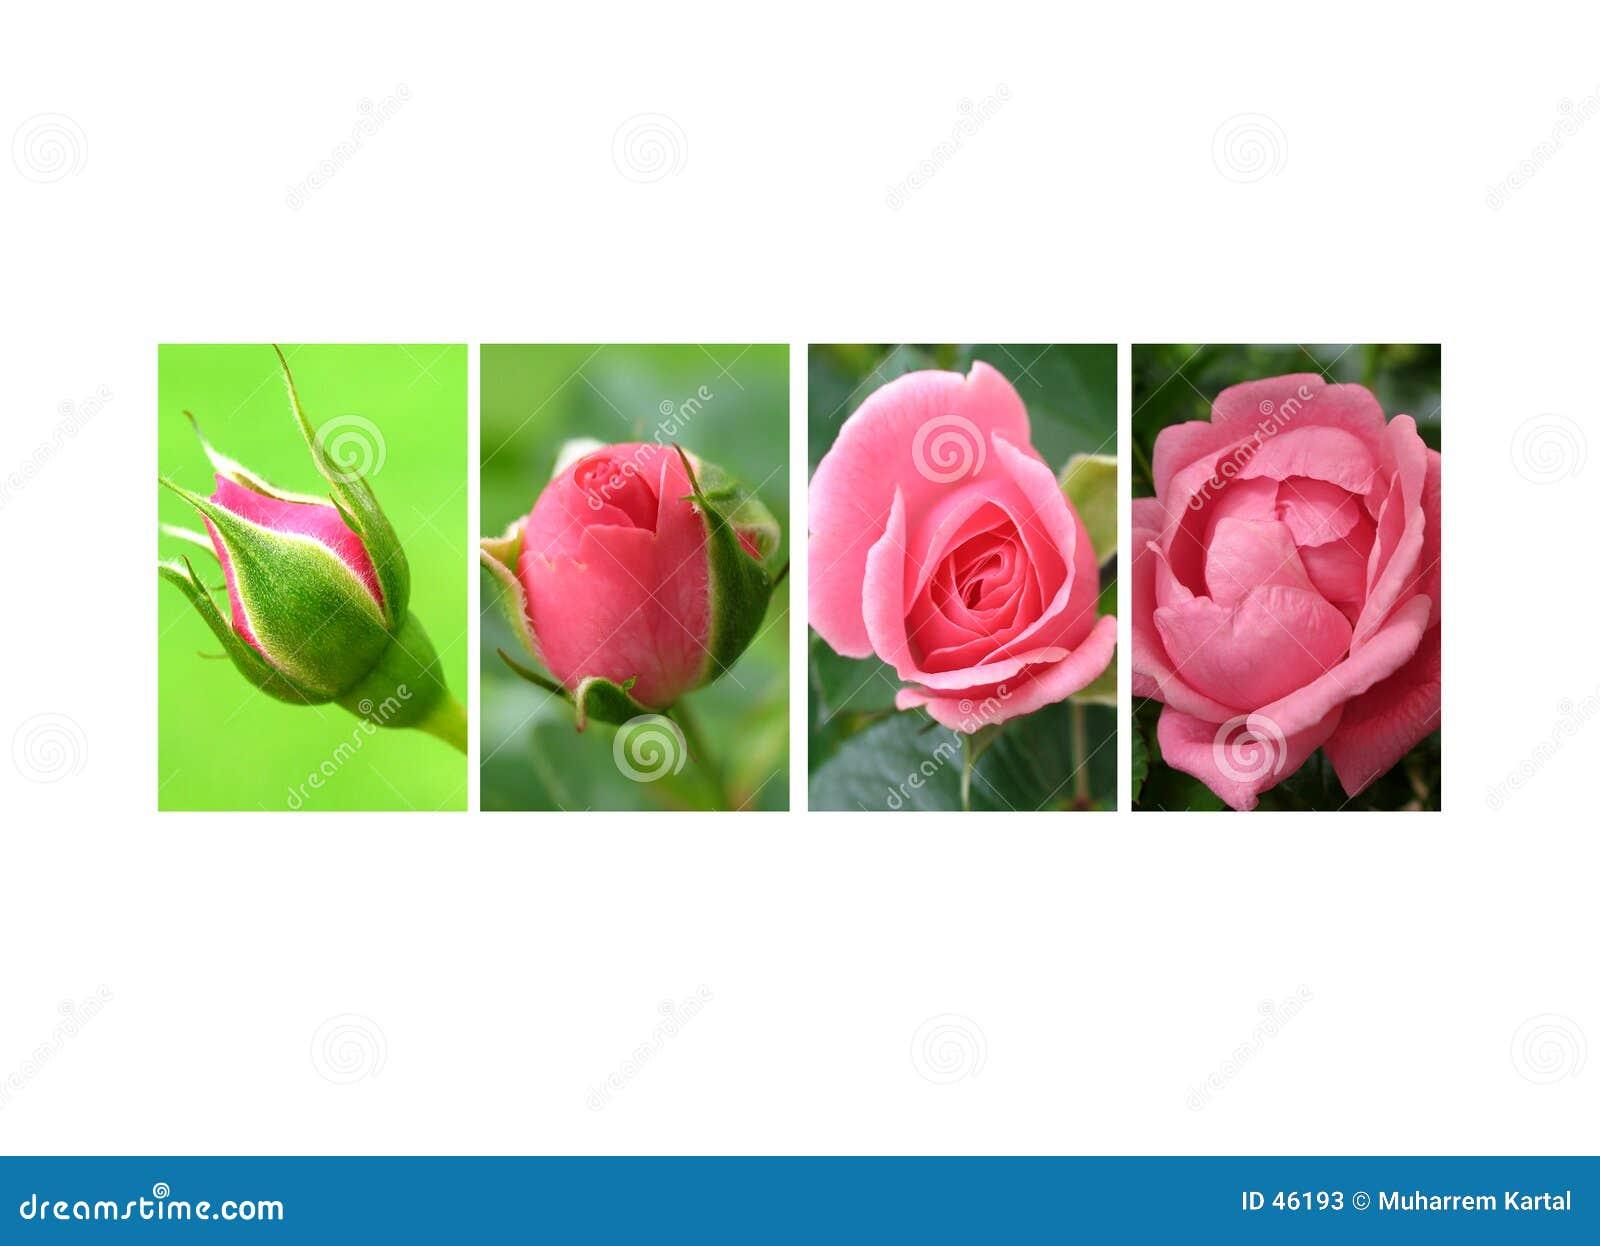 Dichte der Rosen